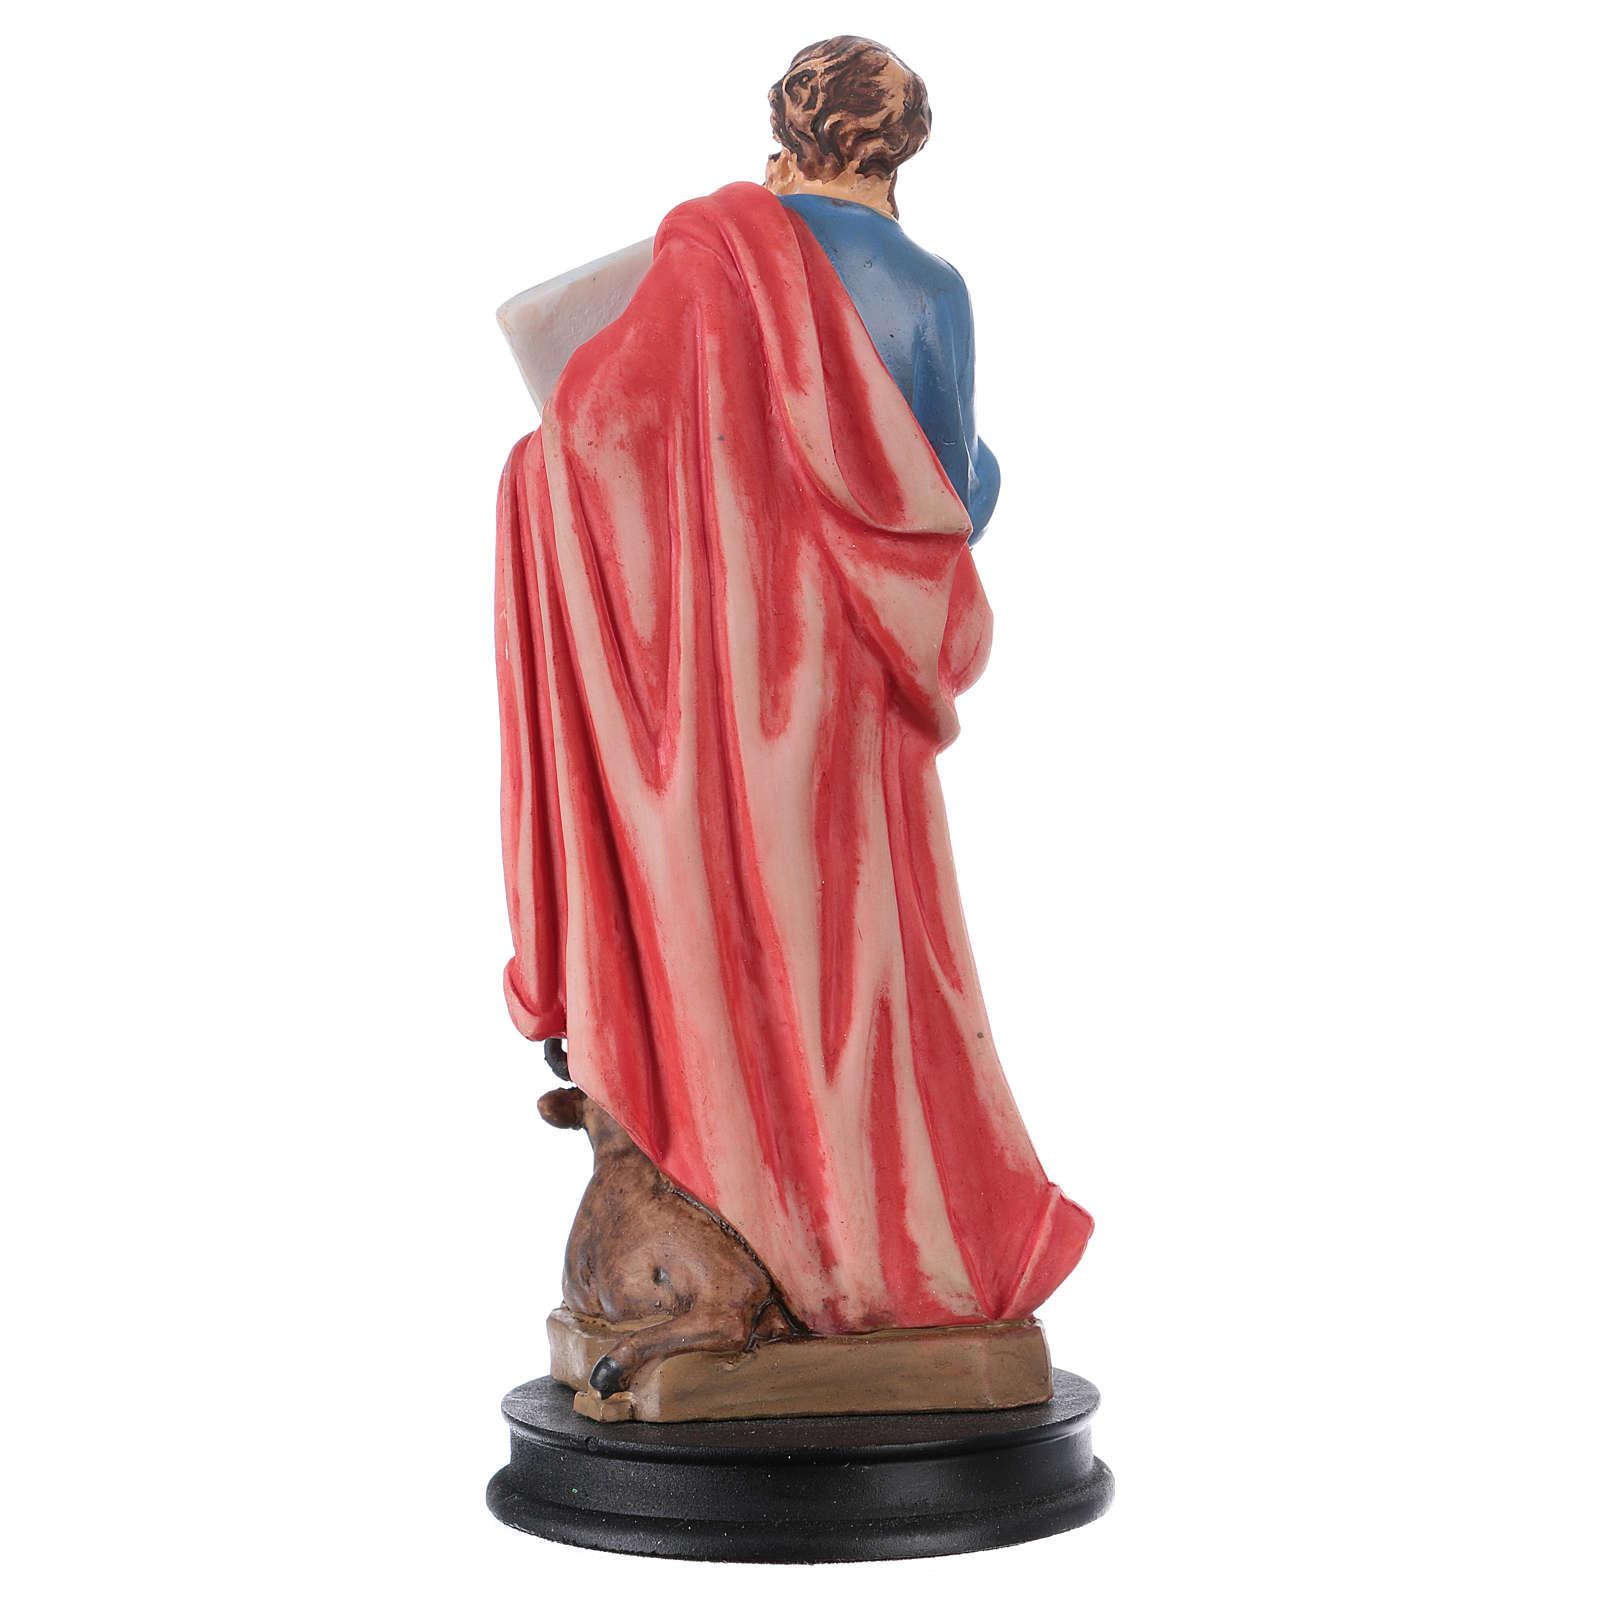 STOCK St Luke the evangelist statue in resin 13 cm 4